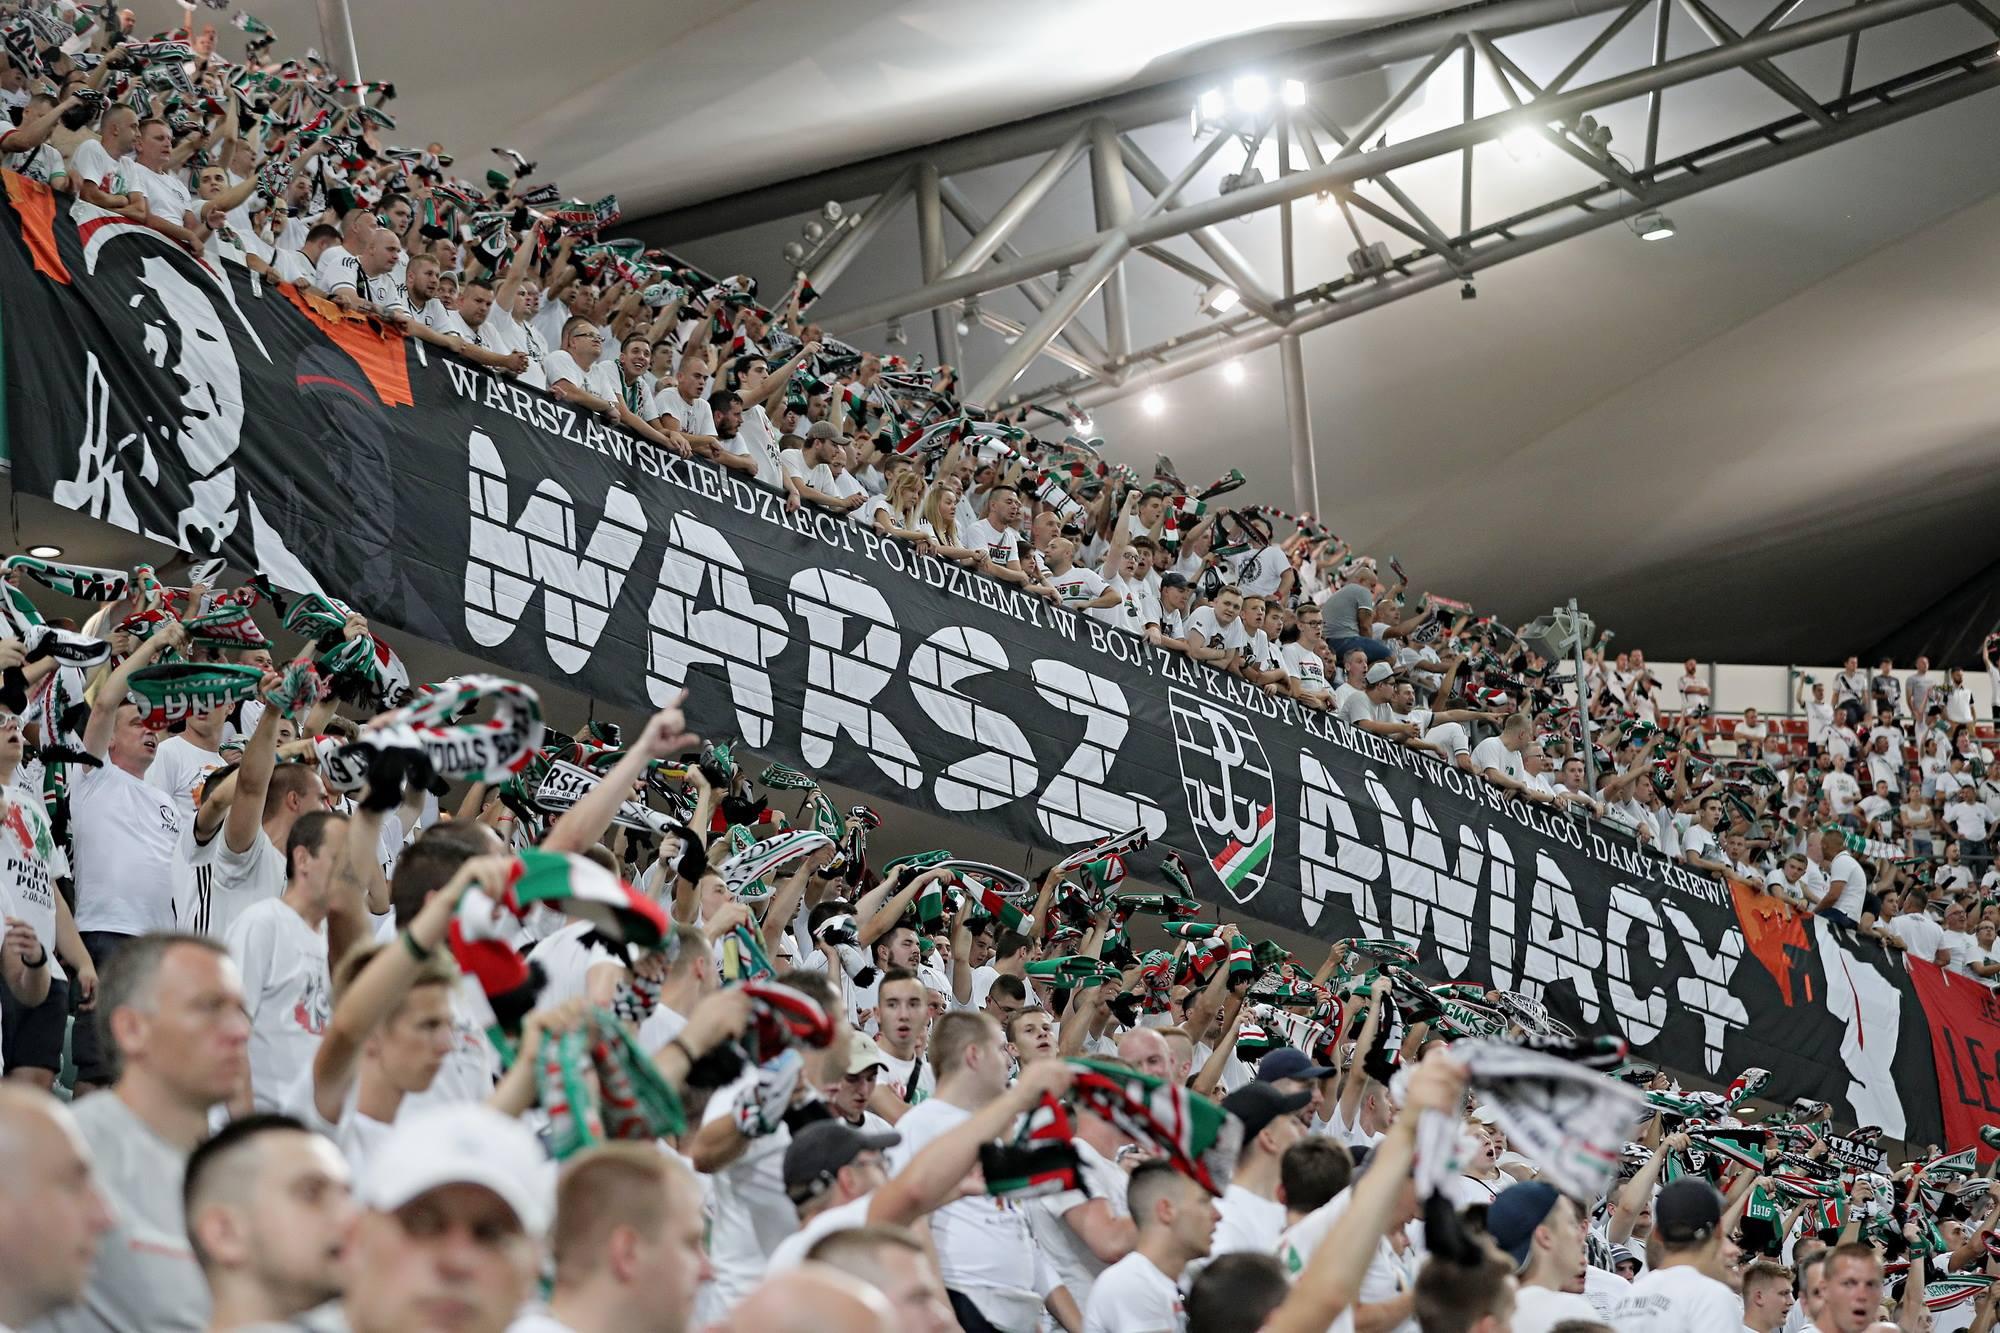 Polonia Ekstraklasa: analisi e pronostico della prima giornata